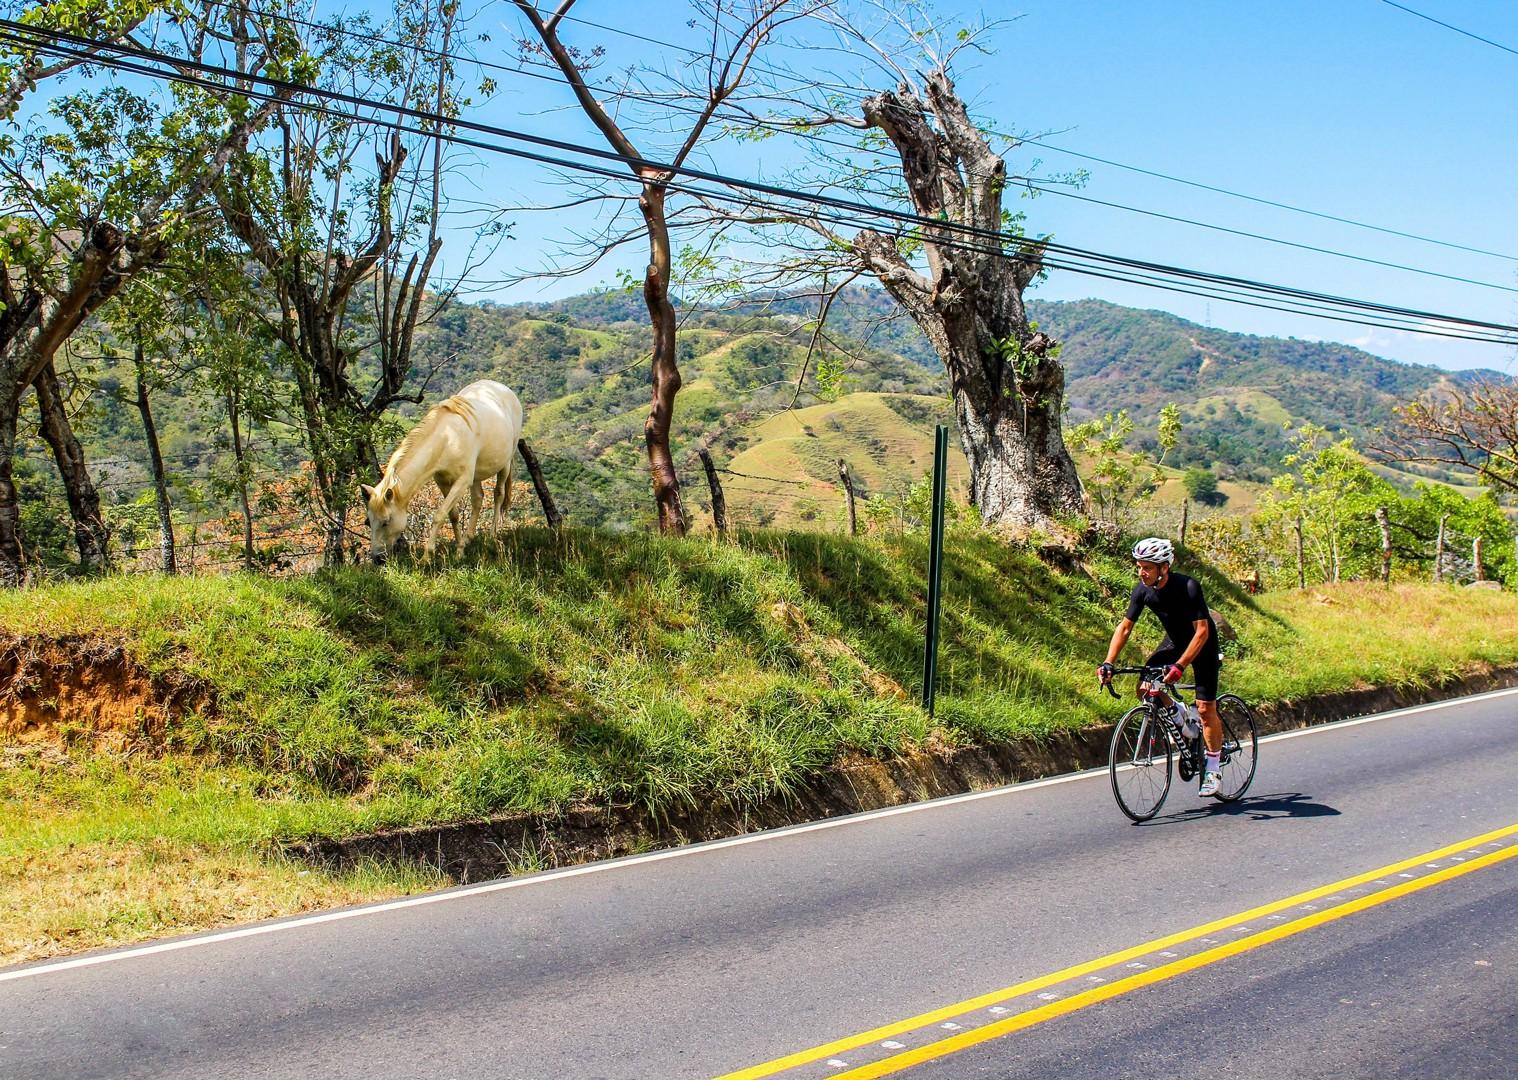 IMG_5487.jpg - Costa Rica - Ruta de los Volcanes - Road Cycling